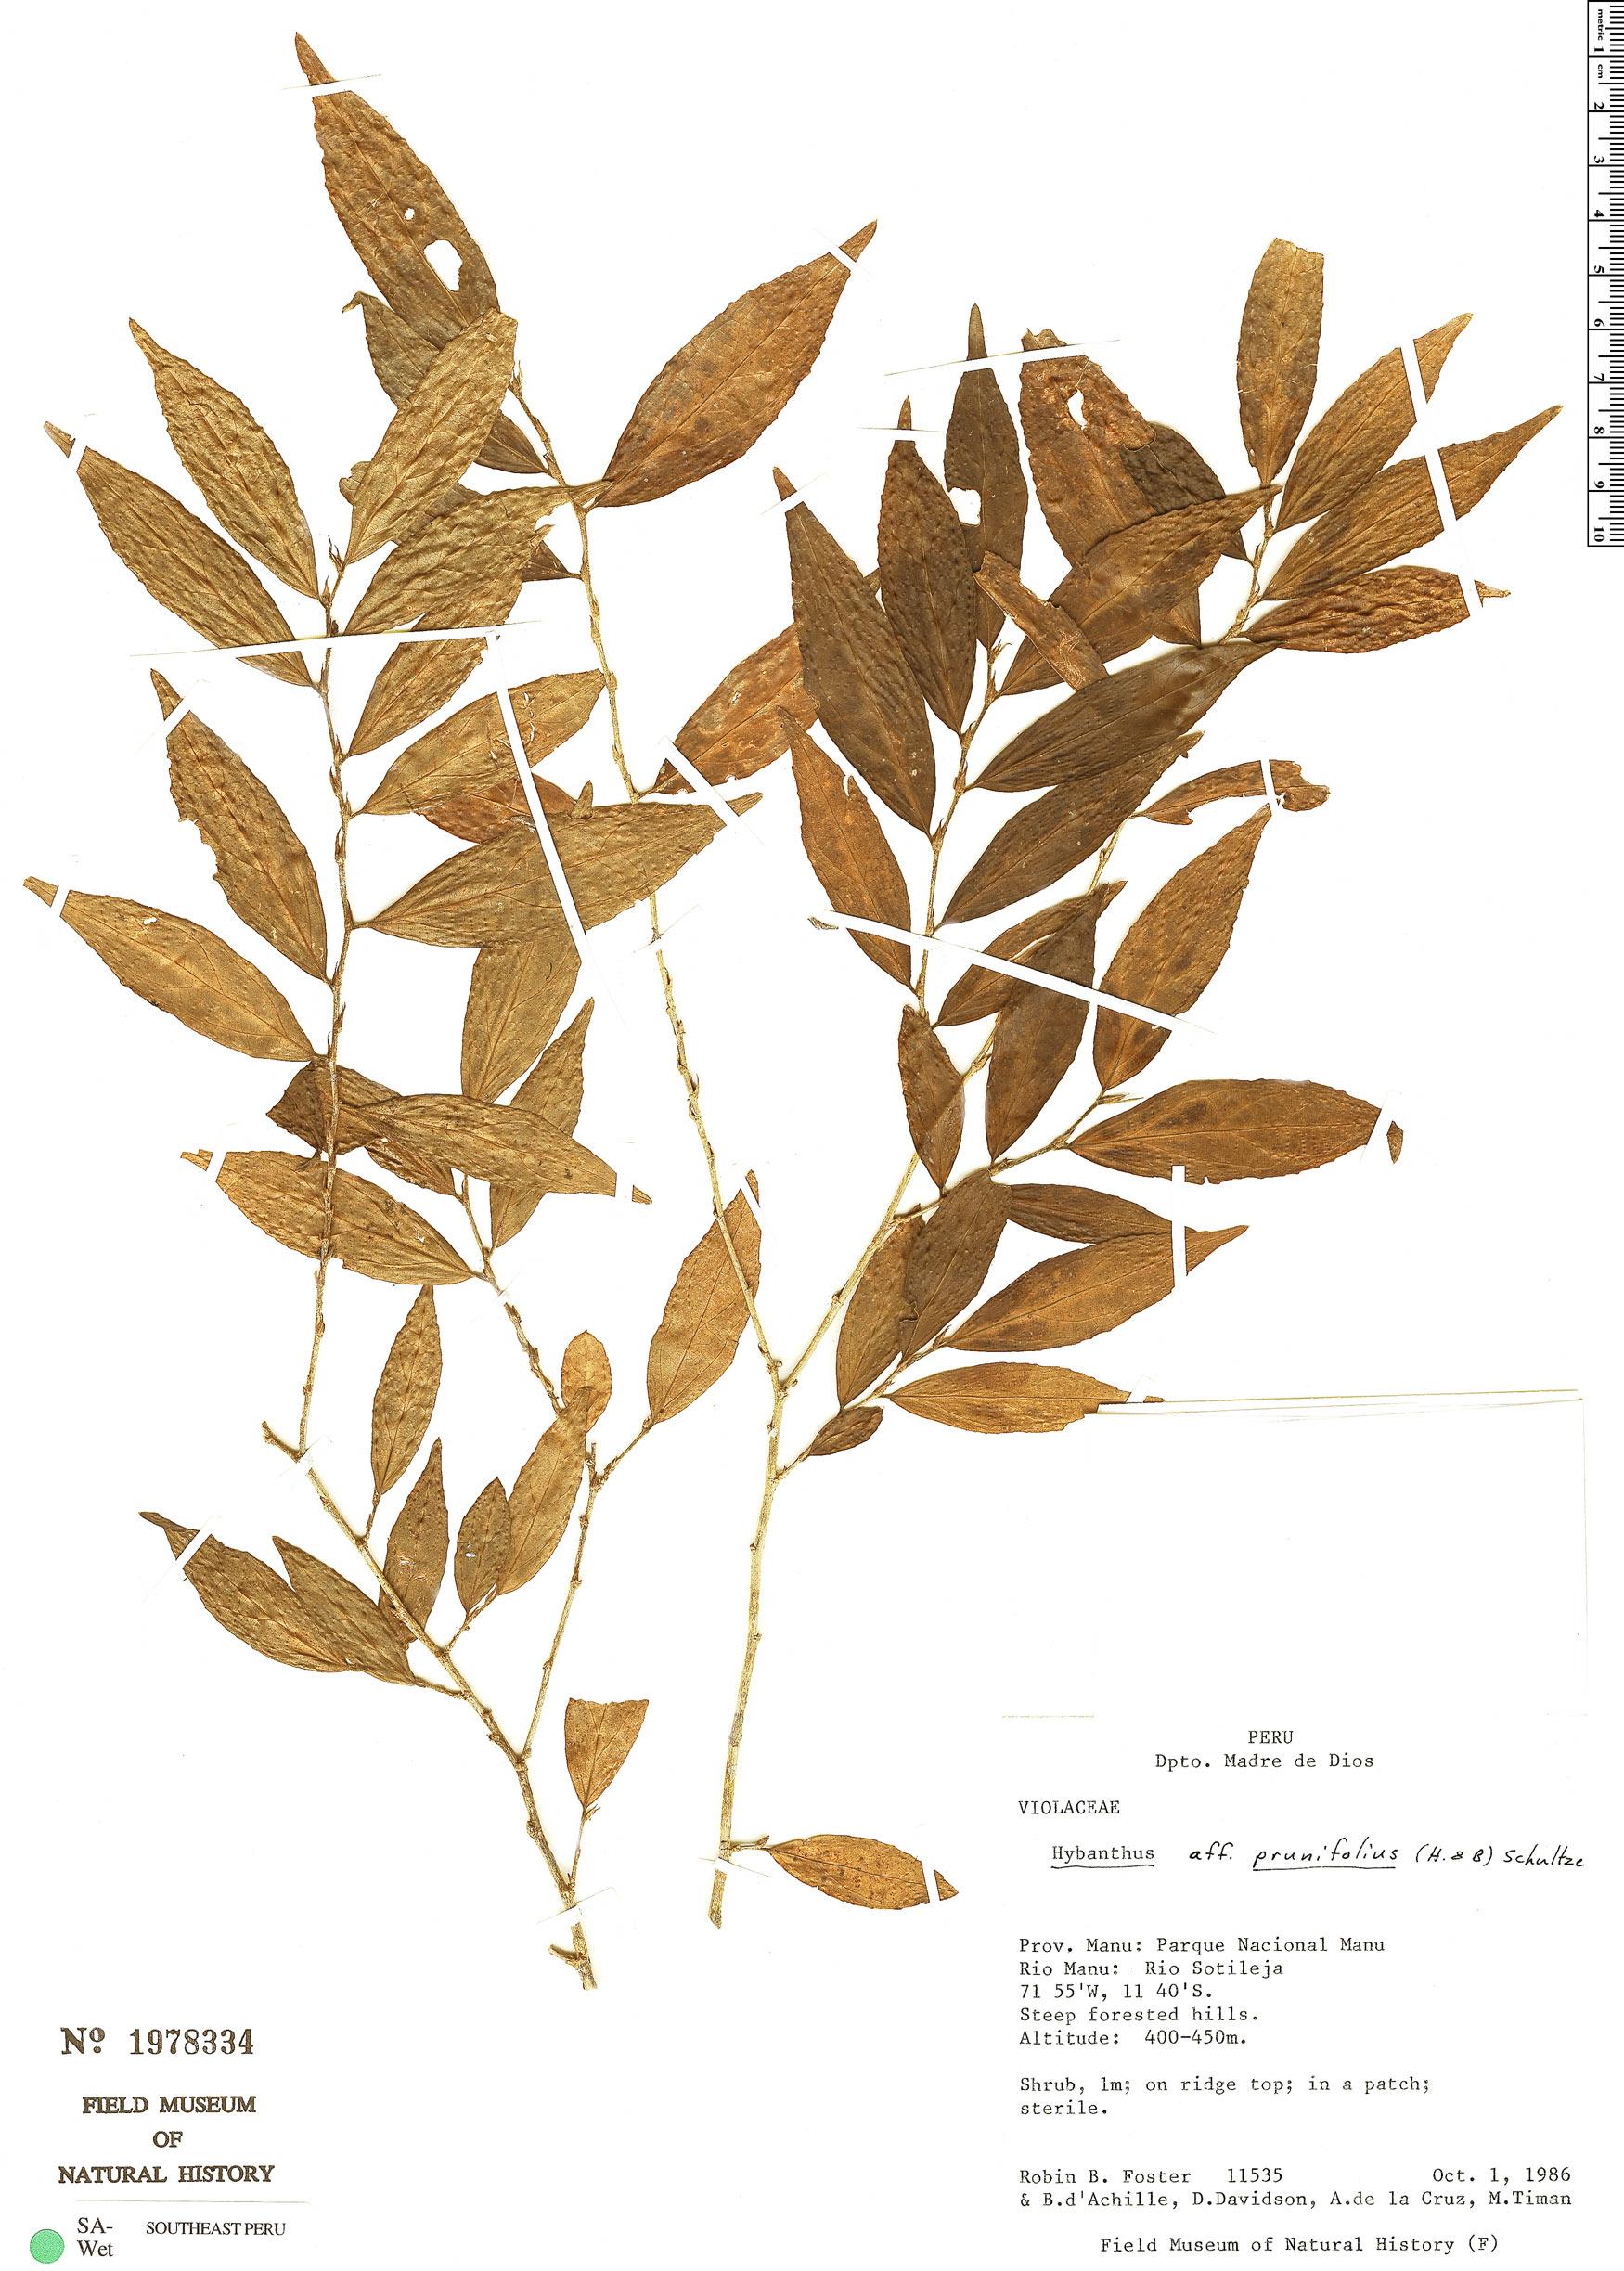 Specimen: Hybanthus prunifolius